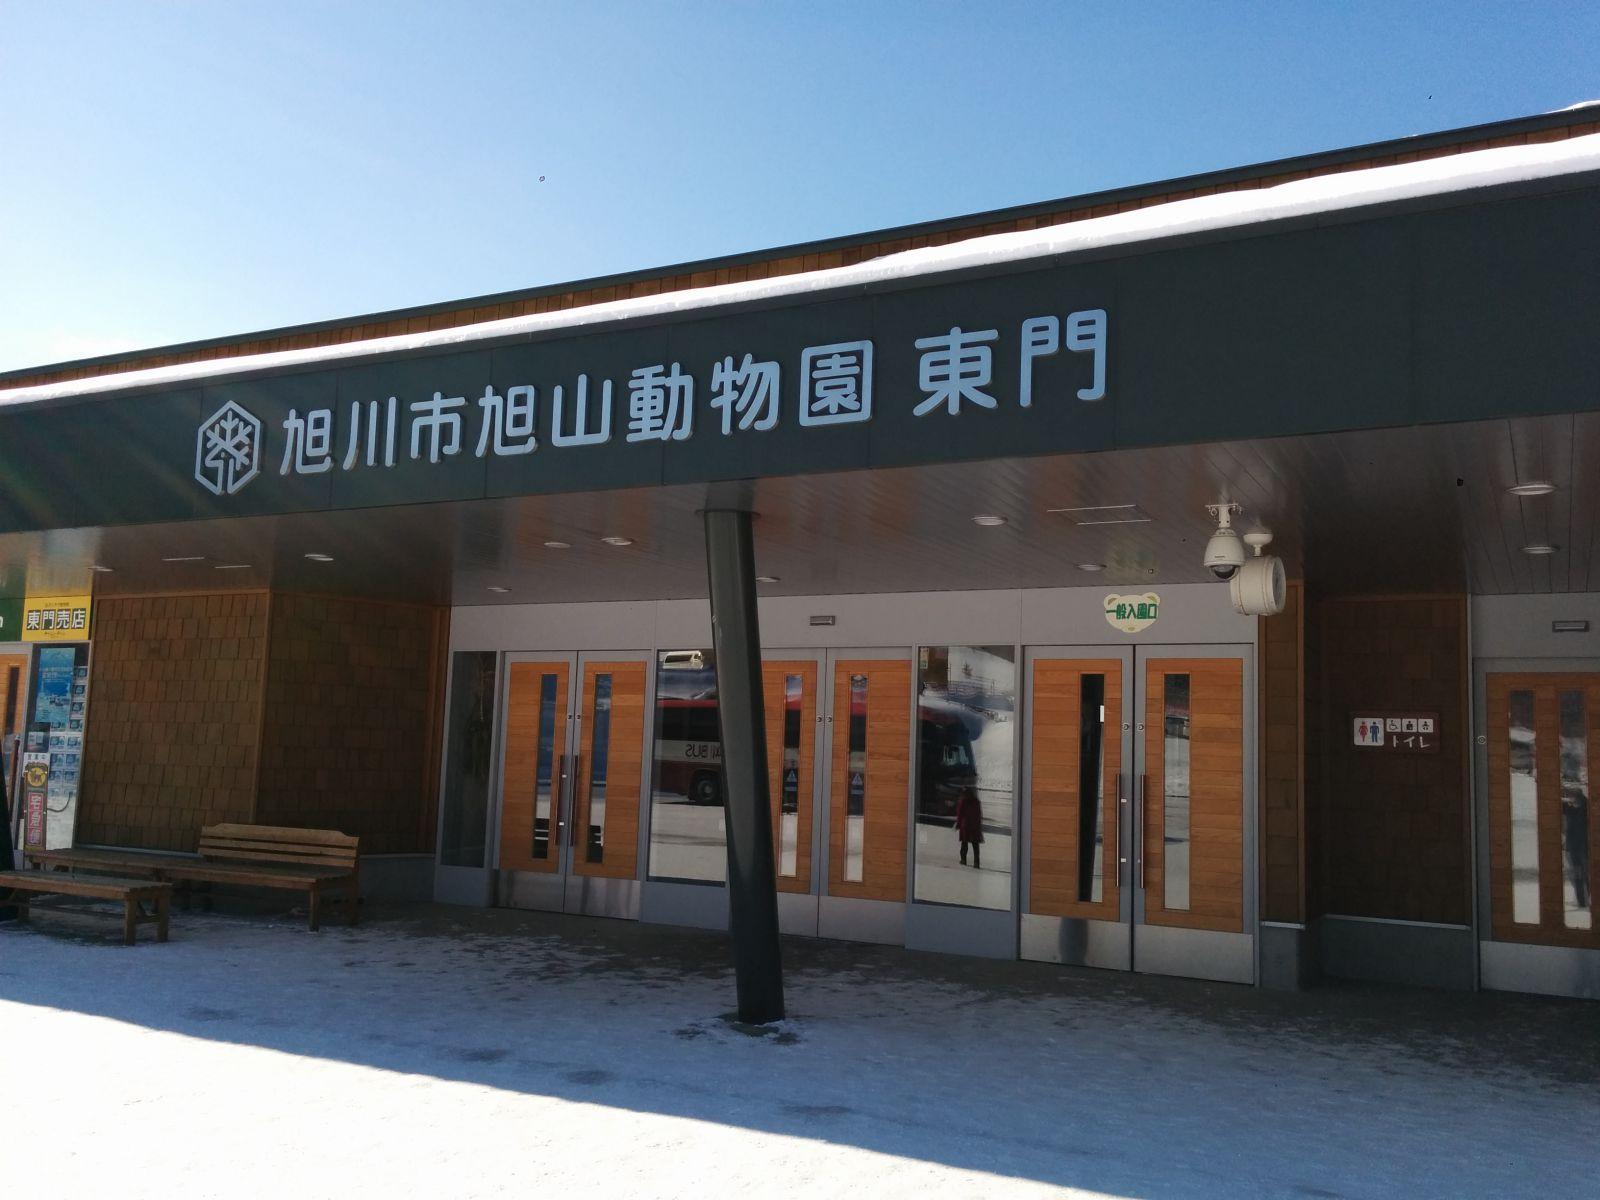 【旭川観光タクシー】雪の旭山動物園観光写真です。